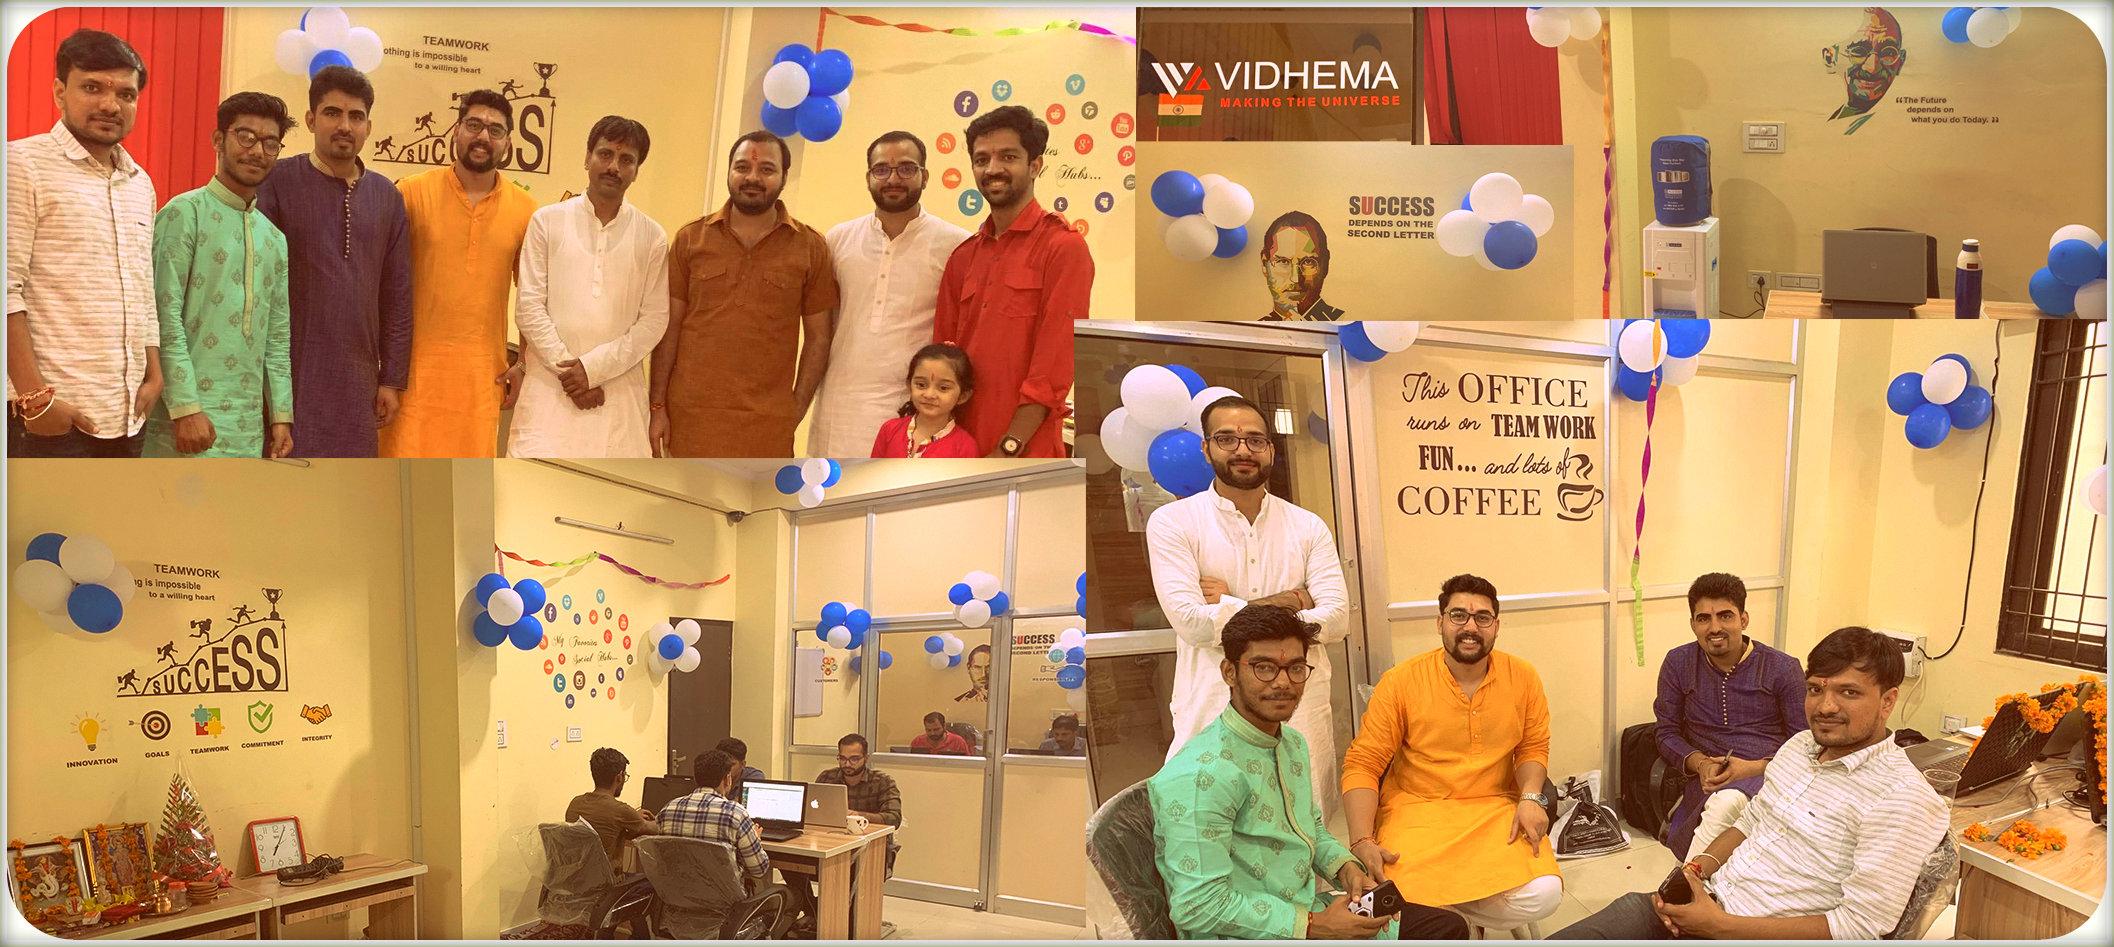 Vidhema New Development Center